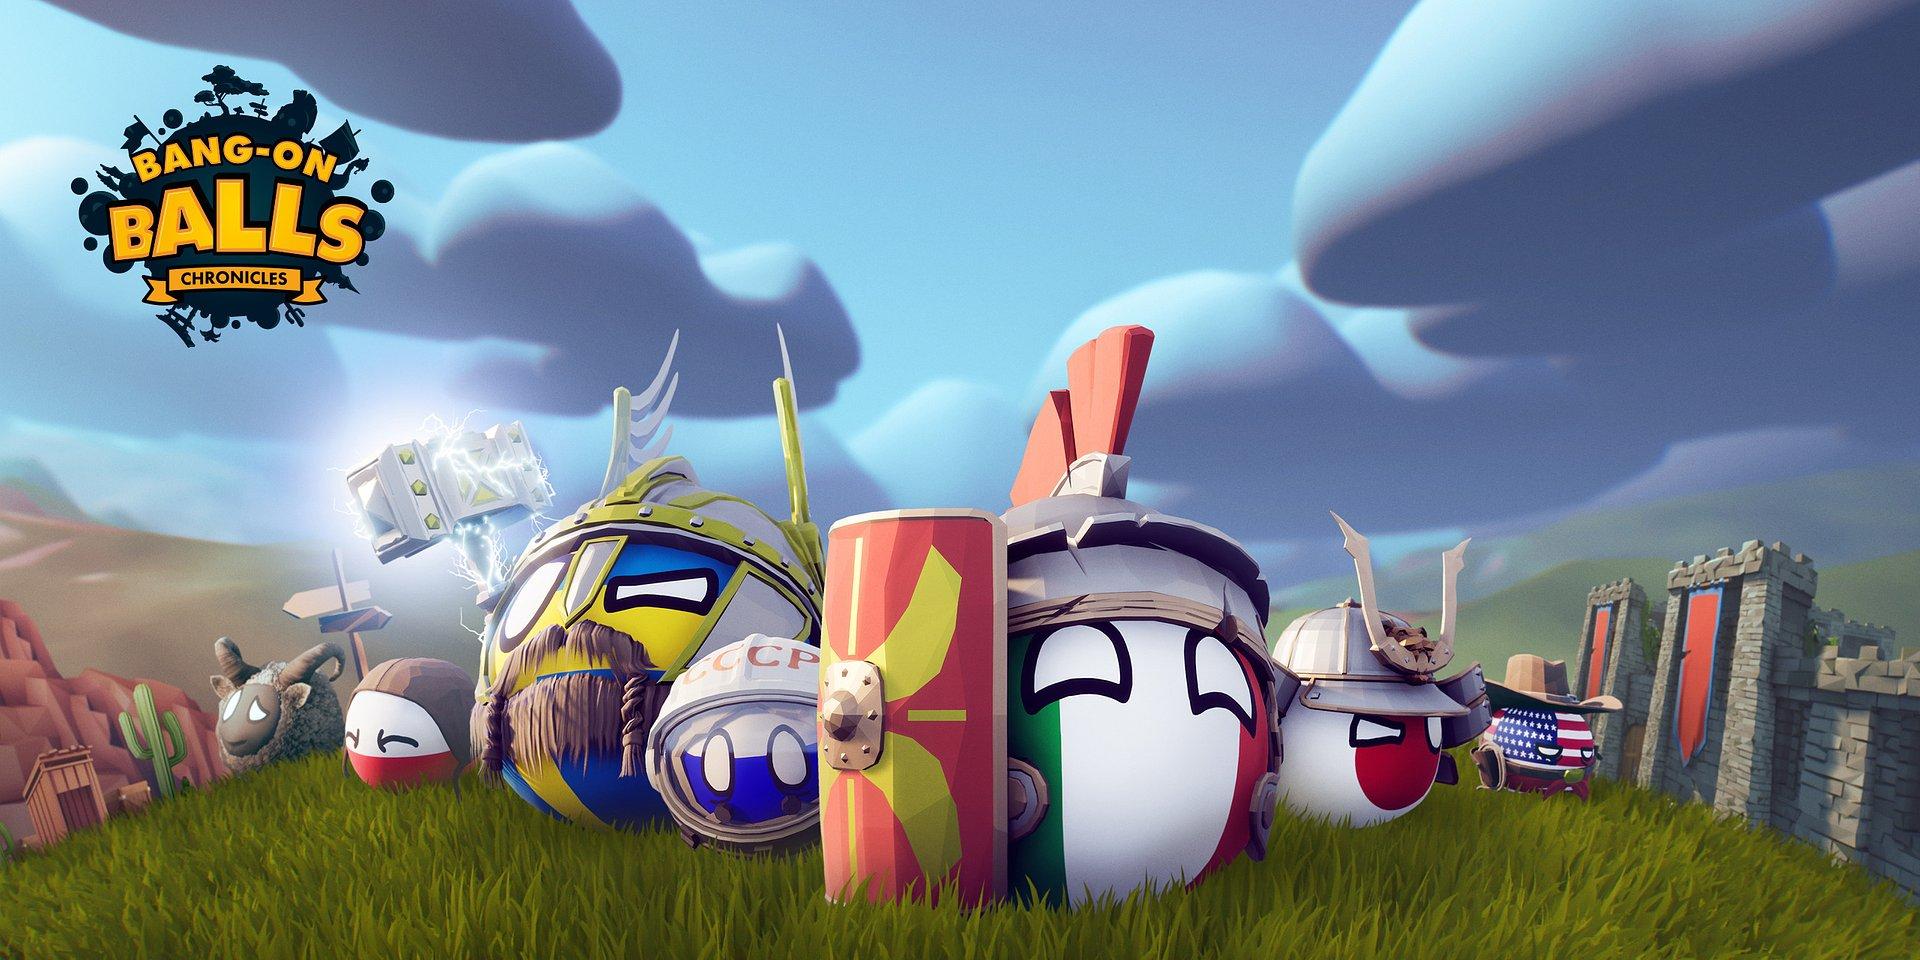 Студия Exit Plan Games выкатывает дебютную игру Bang-On Balls: Chronicles. Захватывающий трехмерный платформер с участием шаров и разрушаемыми уровнями!